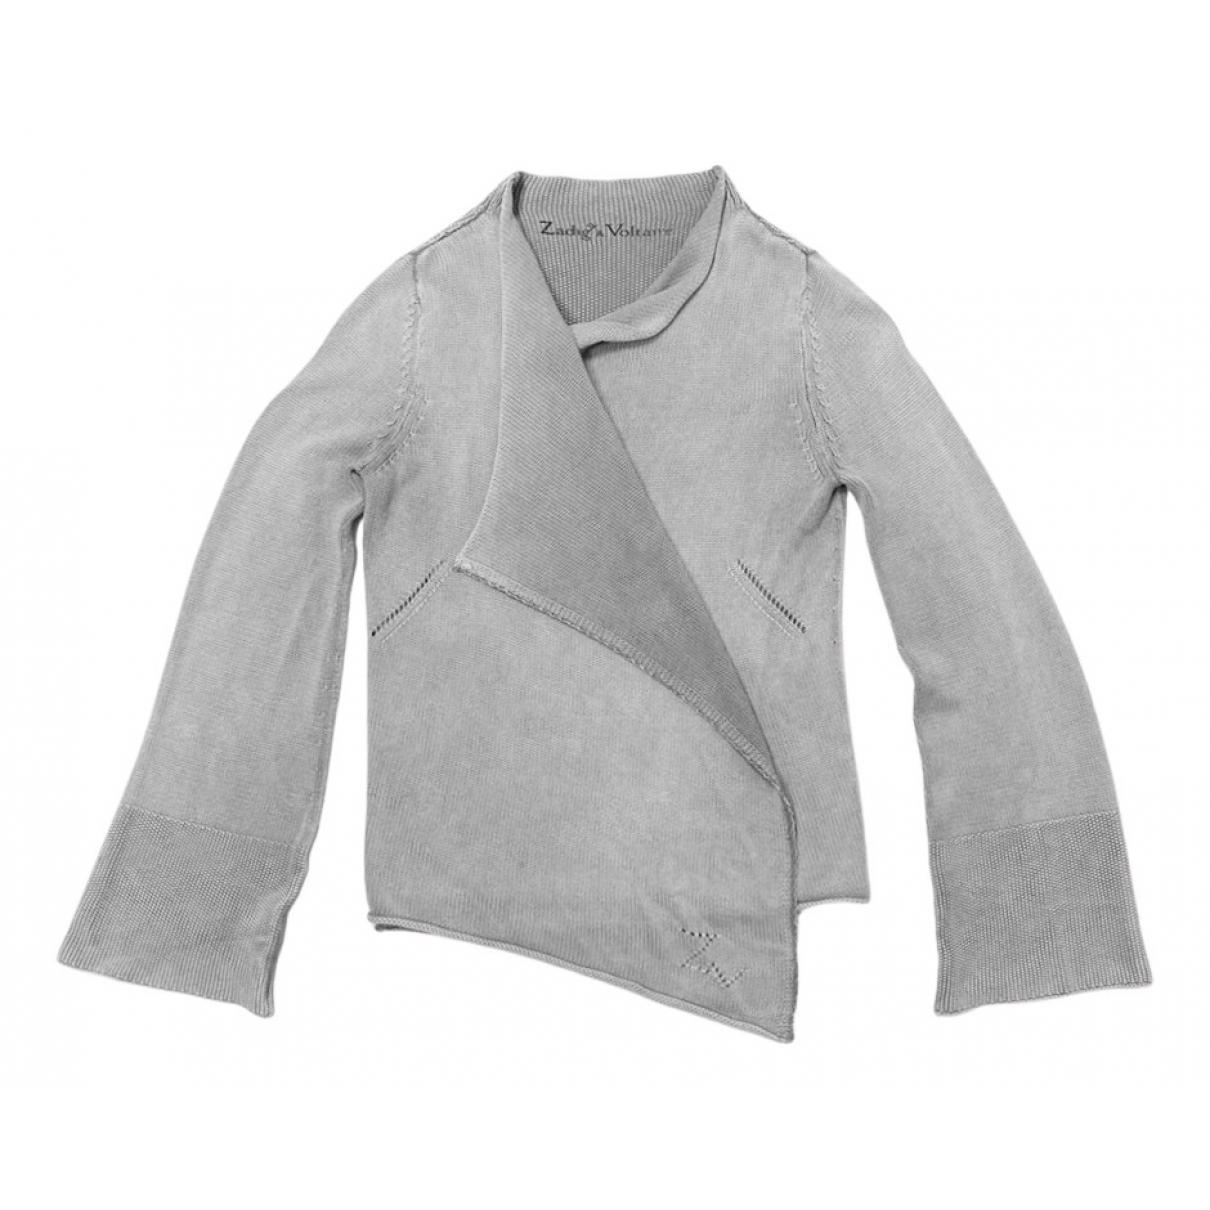 Zadig & Voltaire - Pull   pour femme en coton - gris